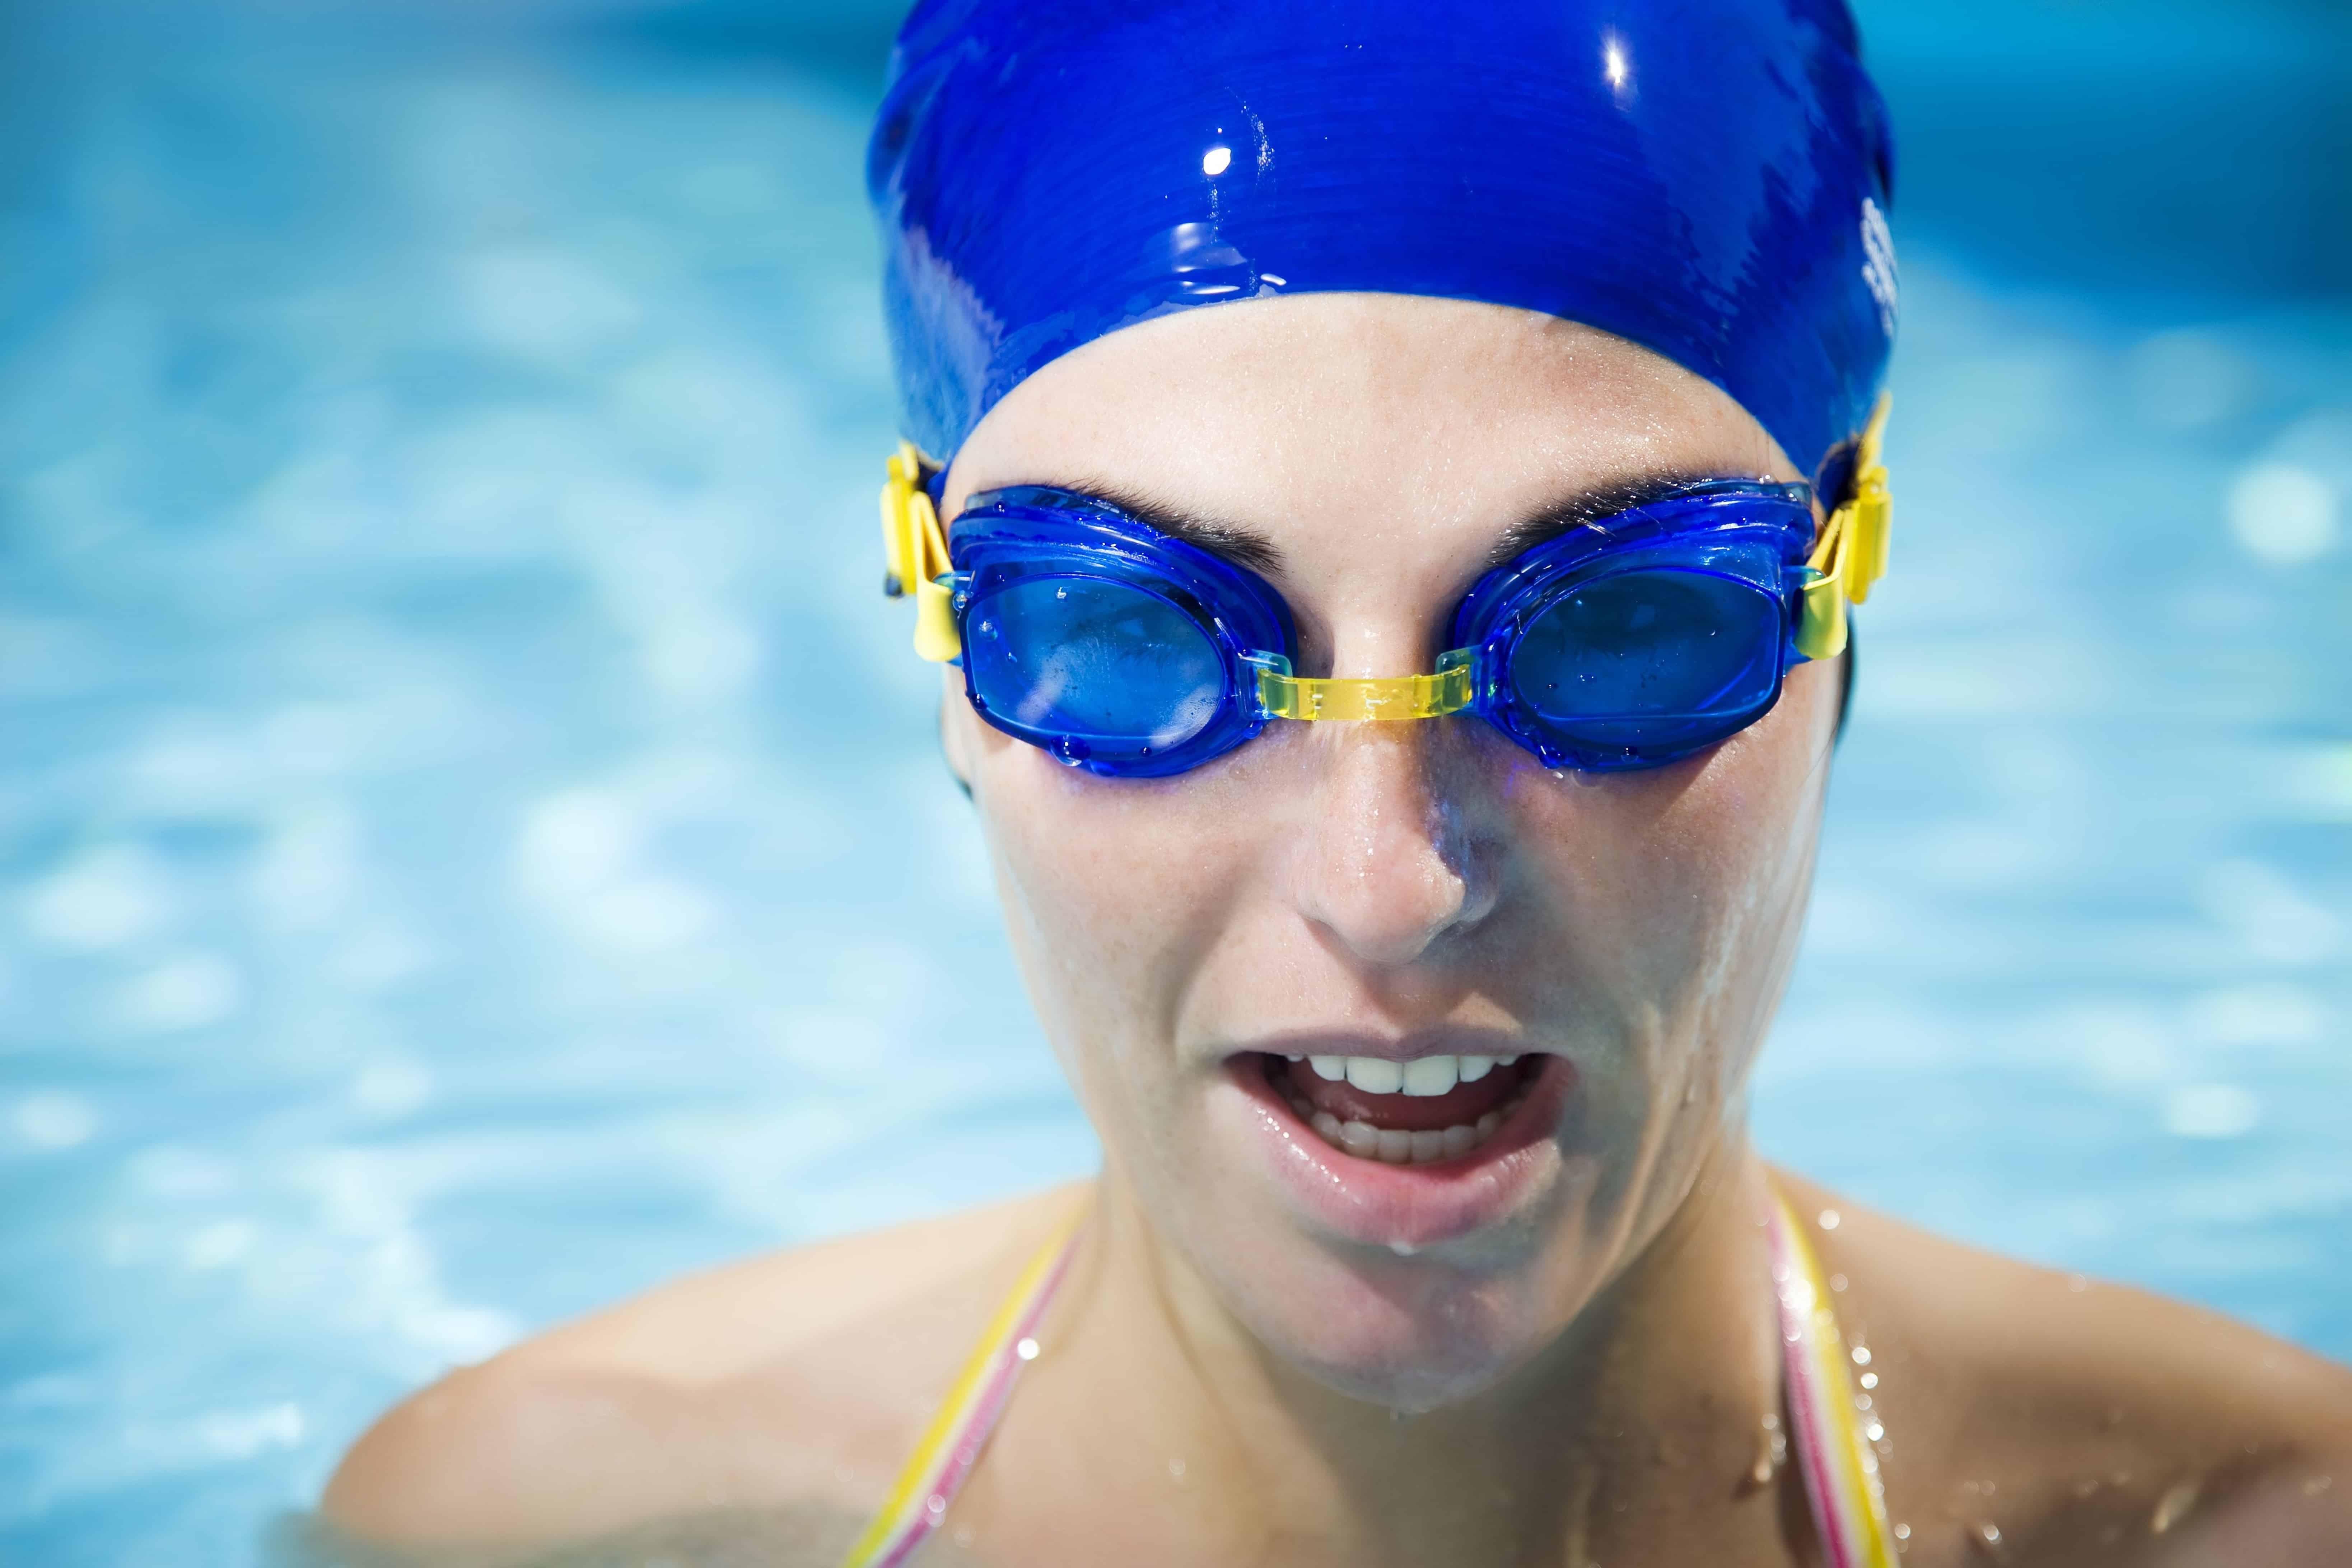 Imagem de pessoa em piscina com óculos de natação.